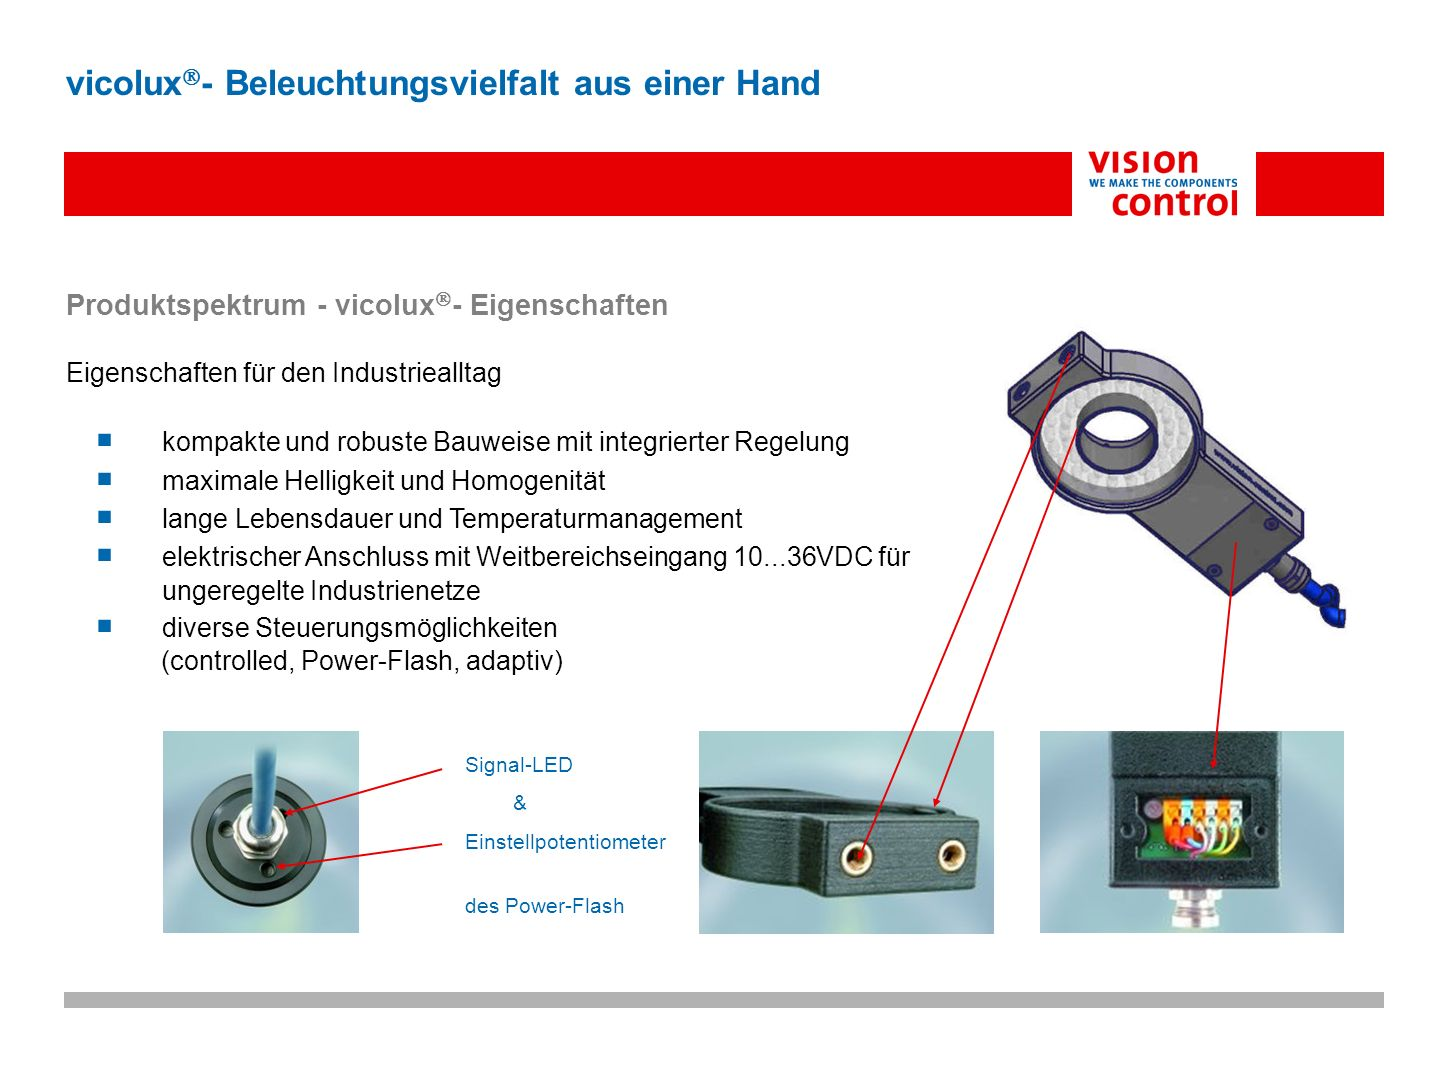 vicolux - Beleuchtungsvielfalt aus einer Hand Produktspektrum - vicolux - Eigenschaften Eigenschaften für den Industriealltag kompakte und robuste Bau